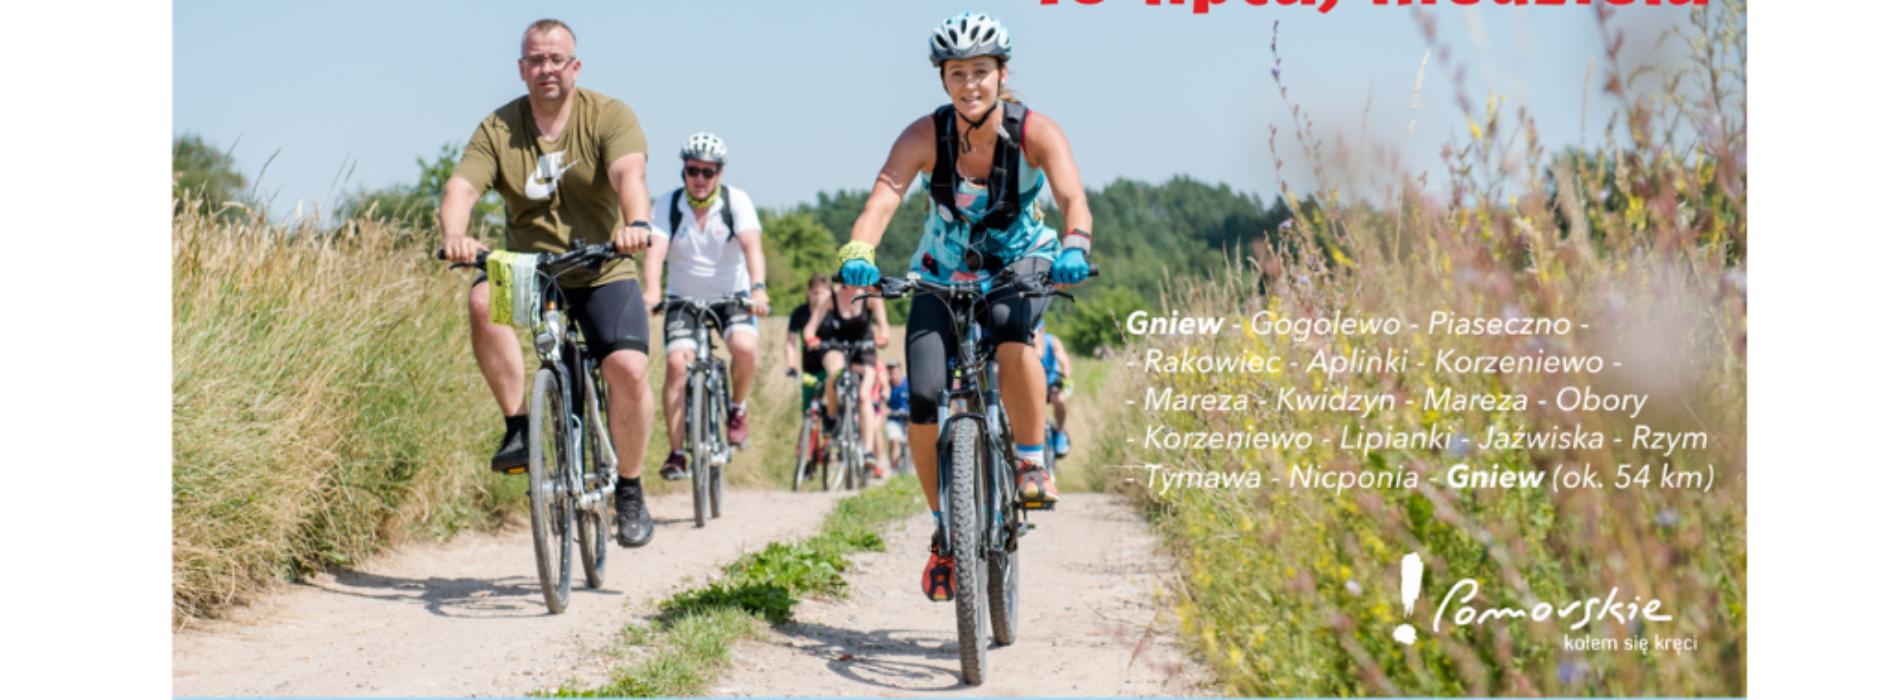 Lokalna Organizacja Turystyczna Kociewie zaprasza na 7. Kociewsko-Powiślański Rajd Rowerowy